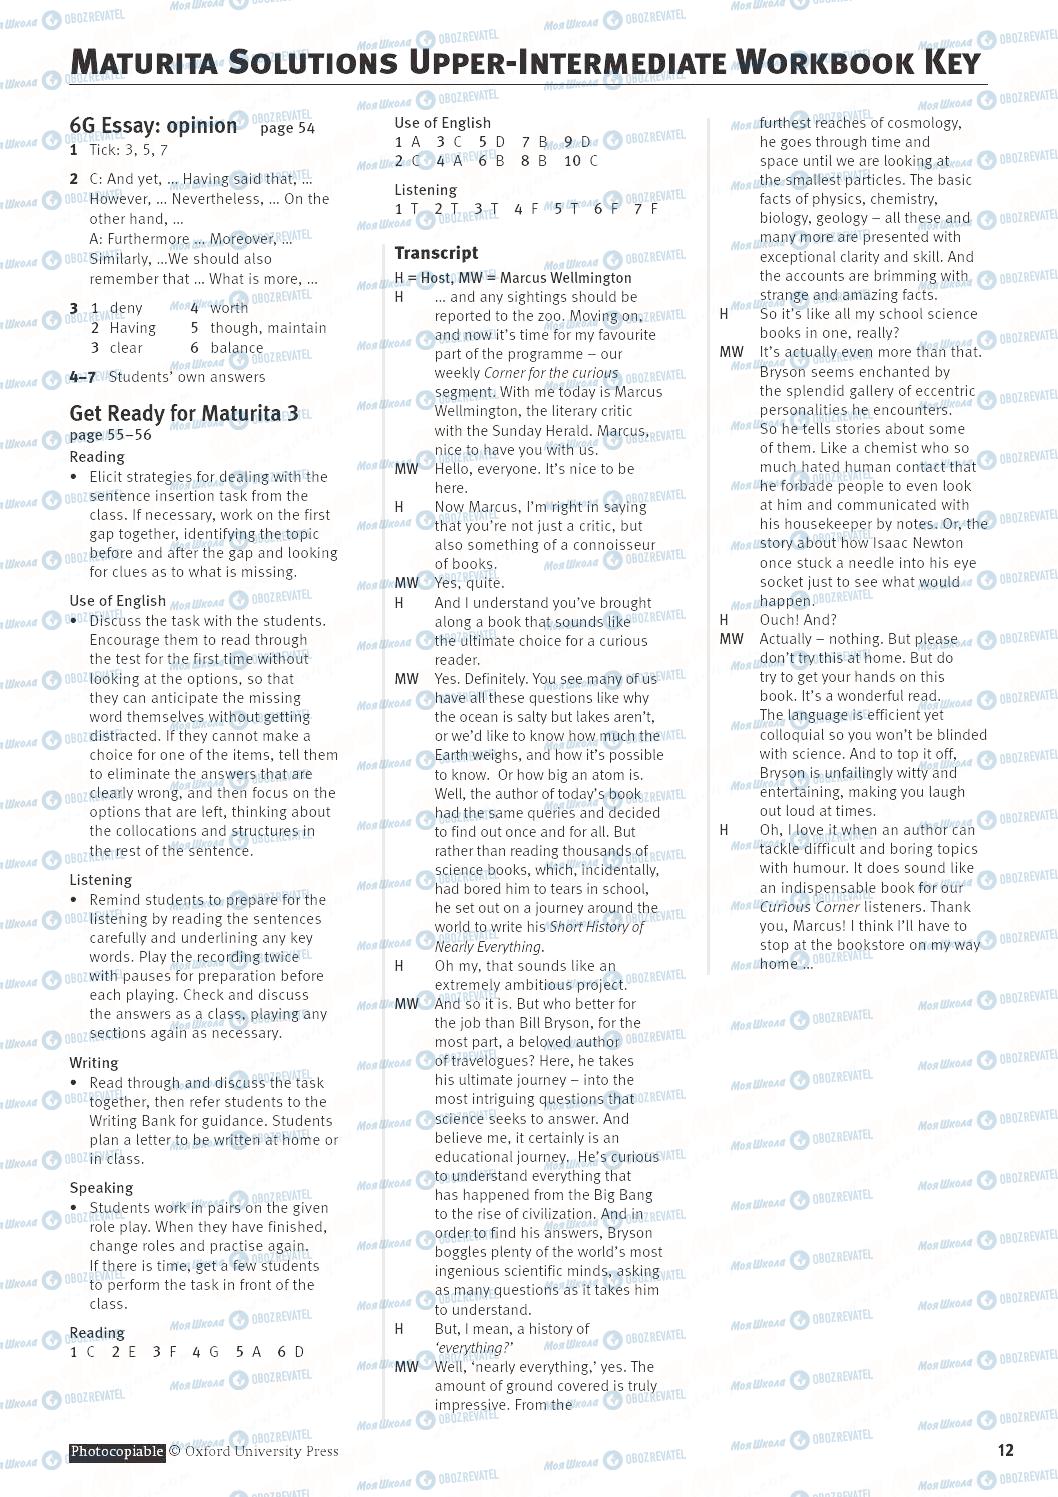 ГДЗ Англійська мова 10 клас сторінка 12